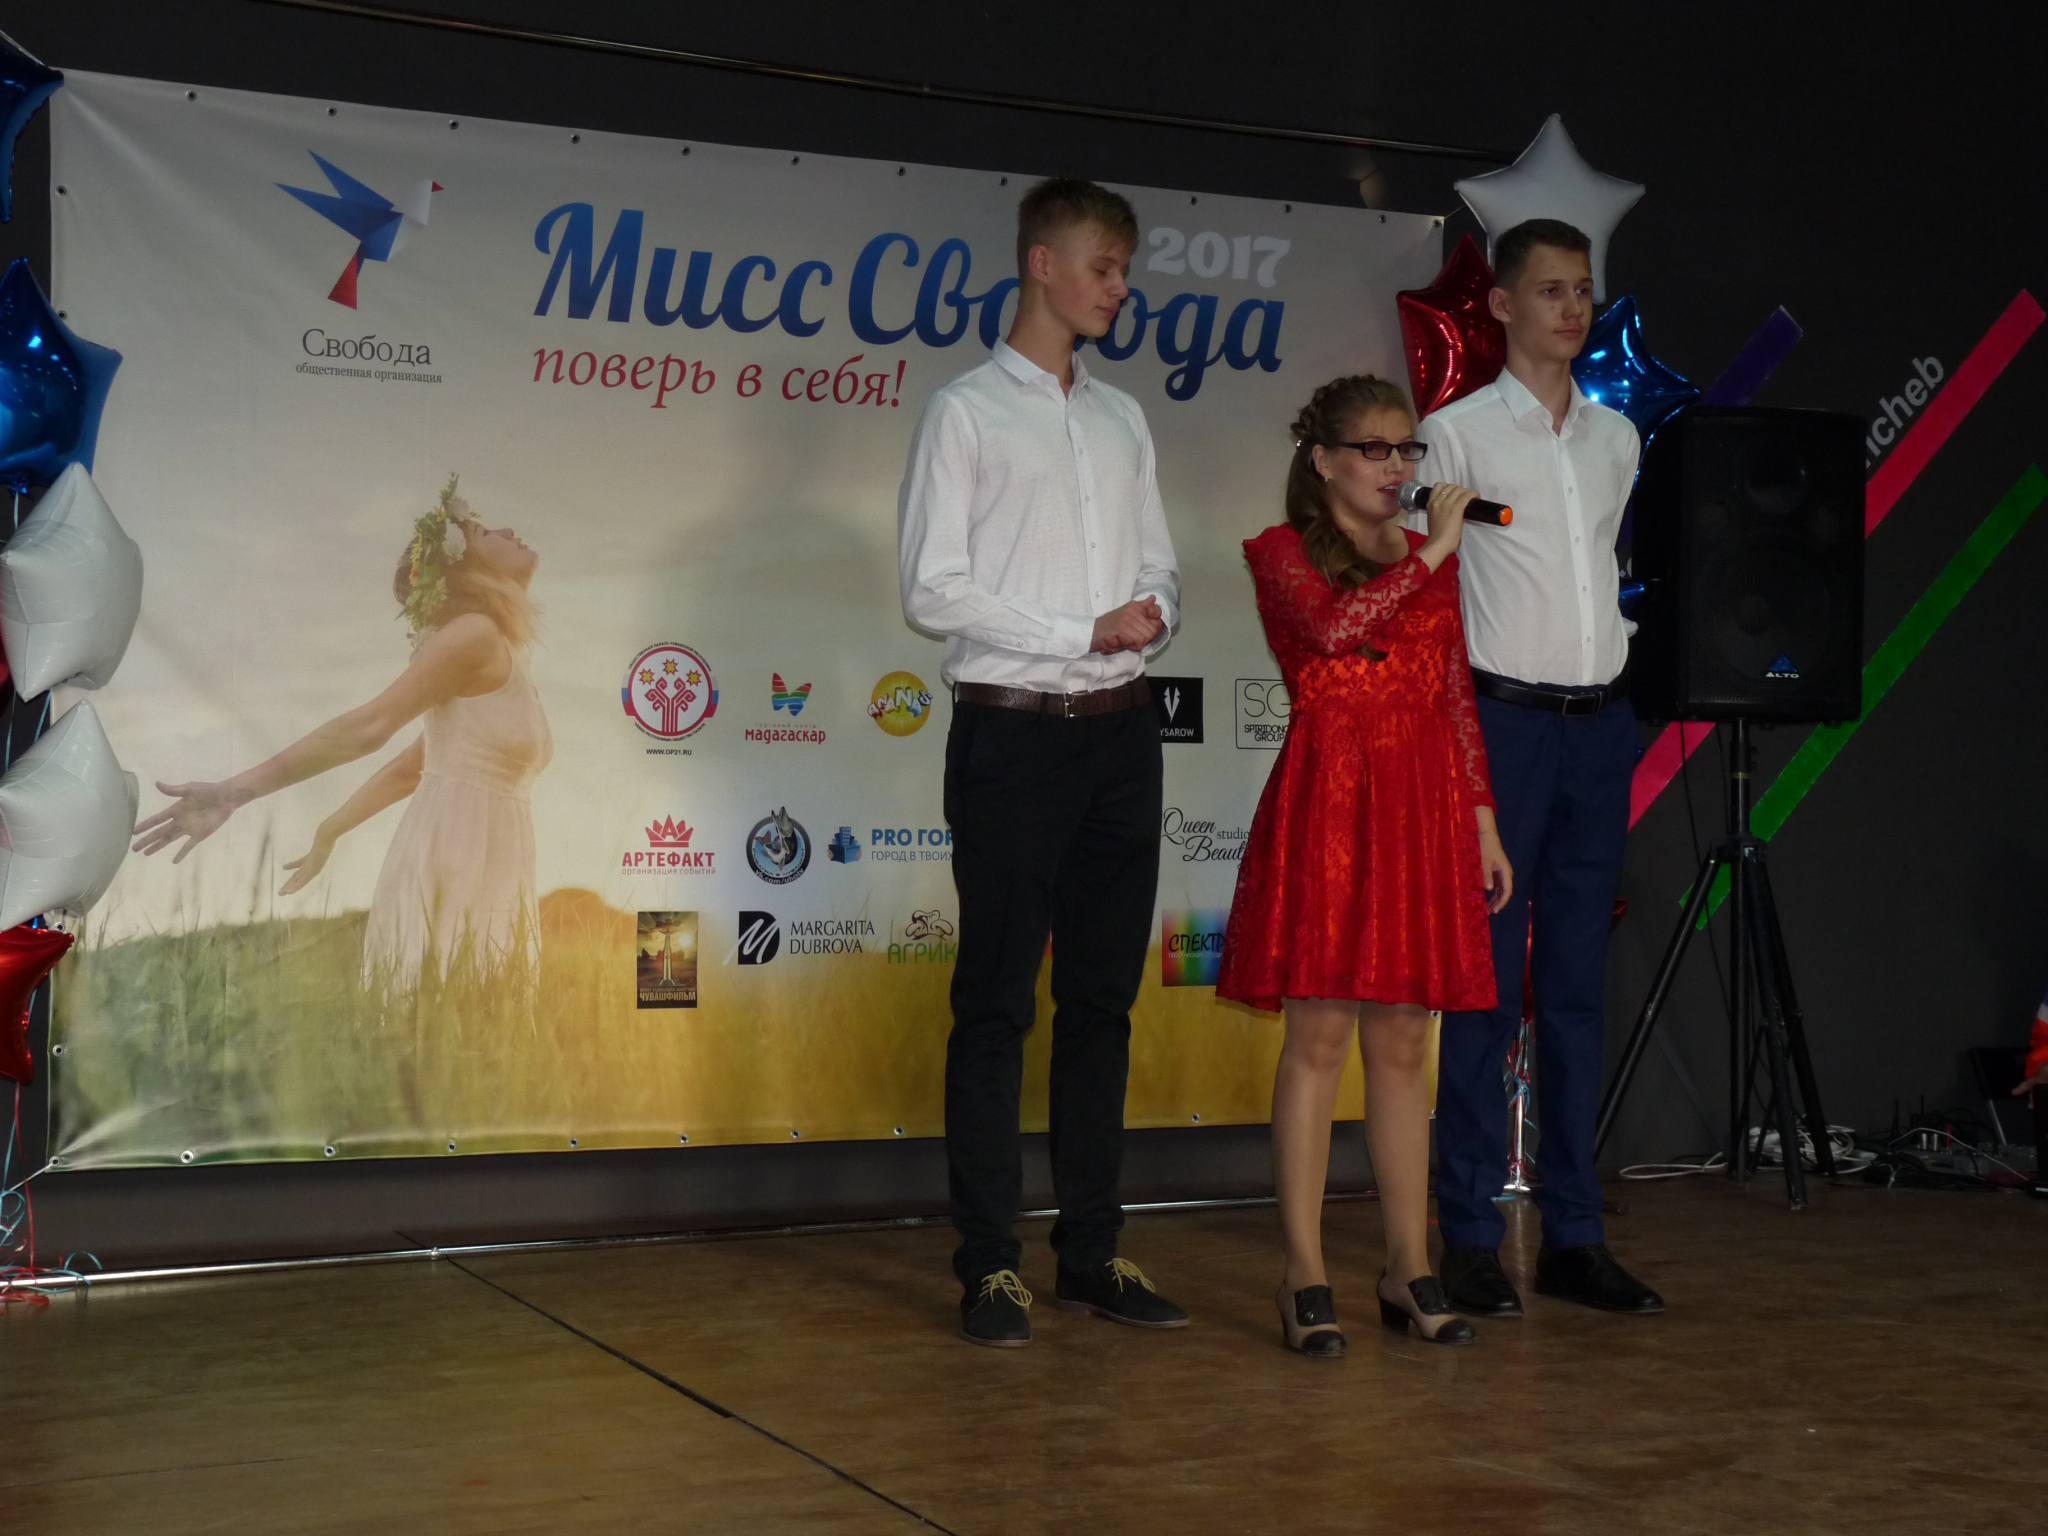 конкурс красоты дети 2017 чебоксары